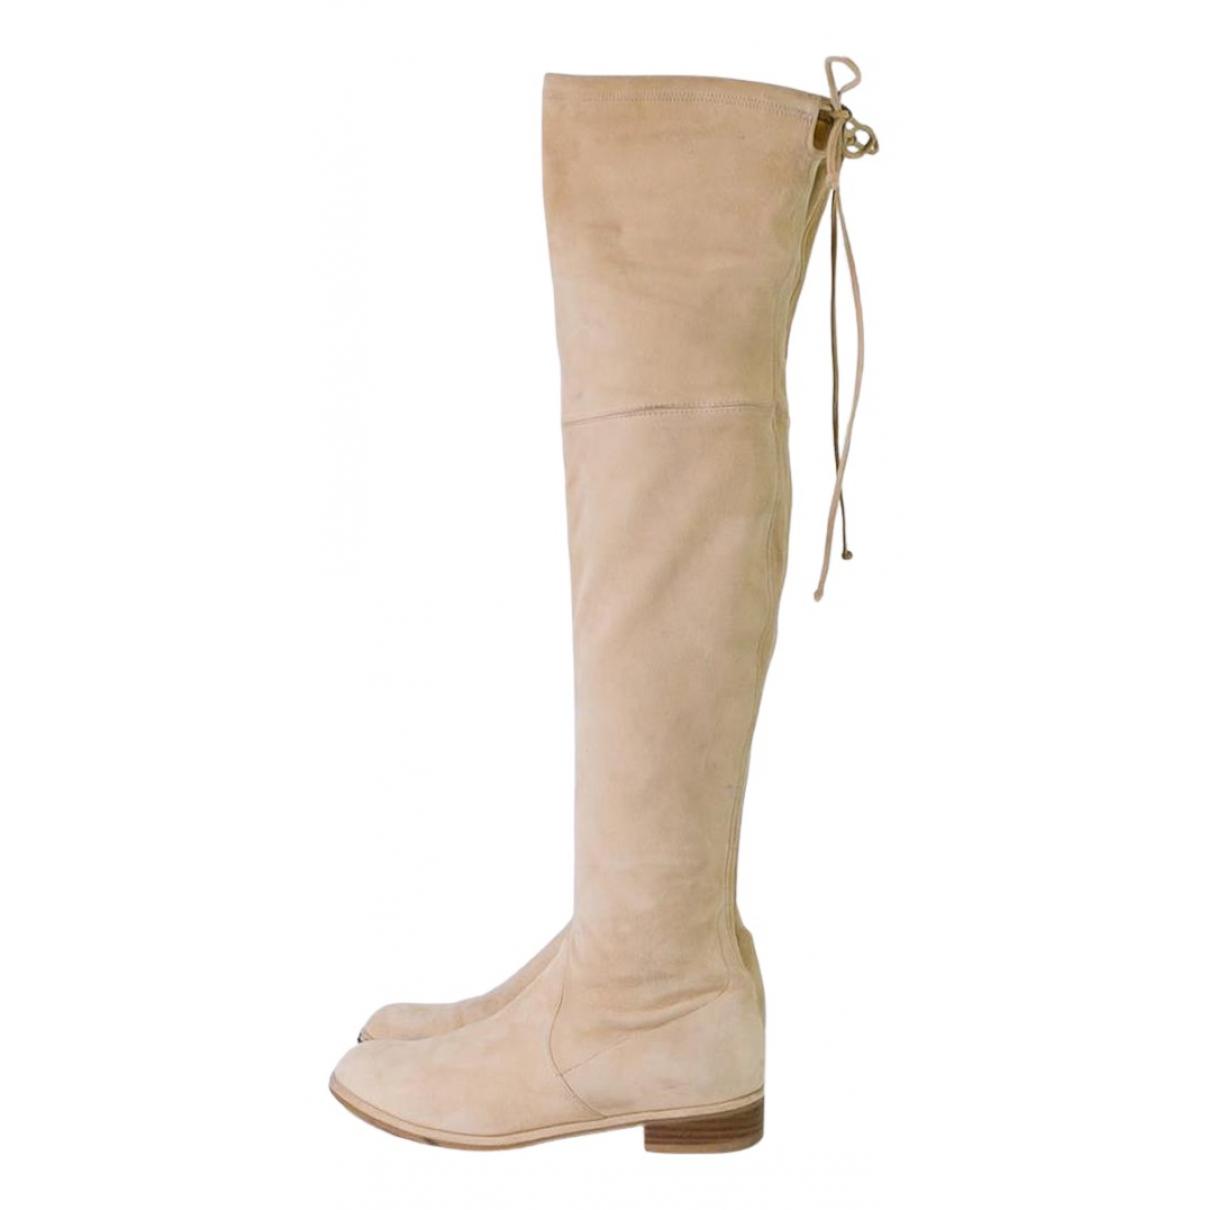 Stuart Weitzman - Boots   pour femme en suede - beige